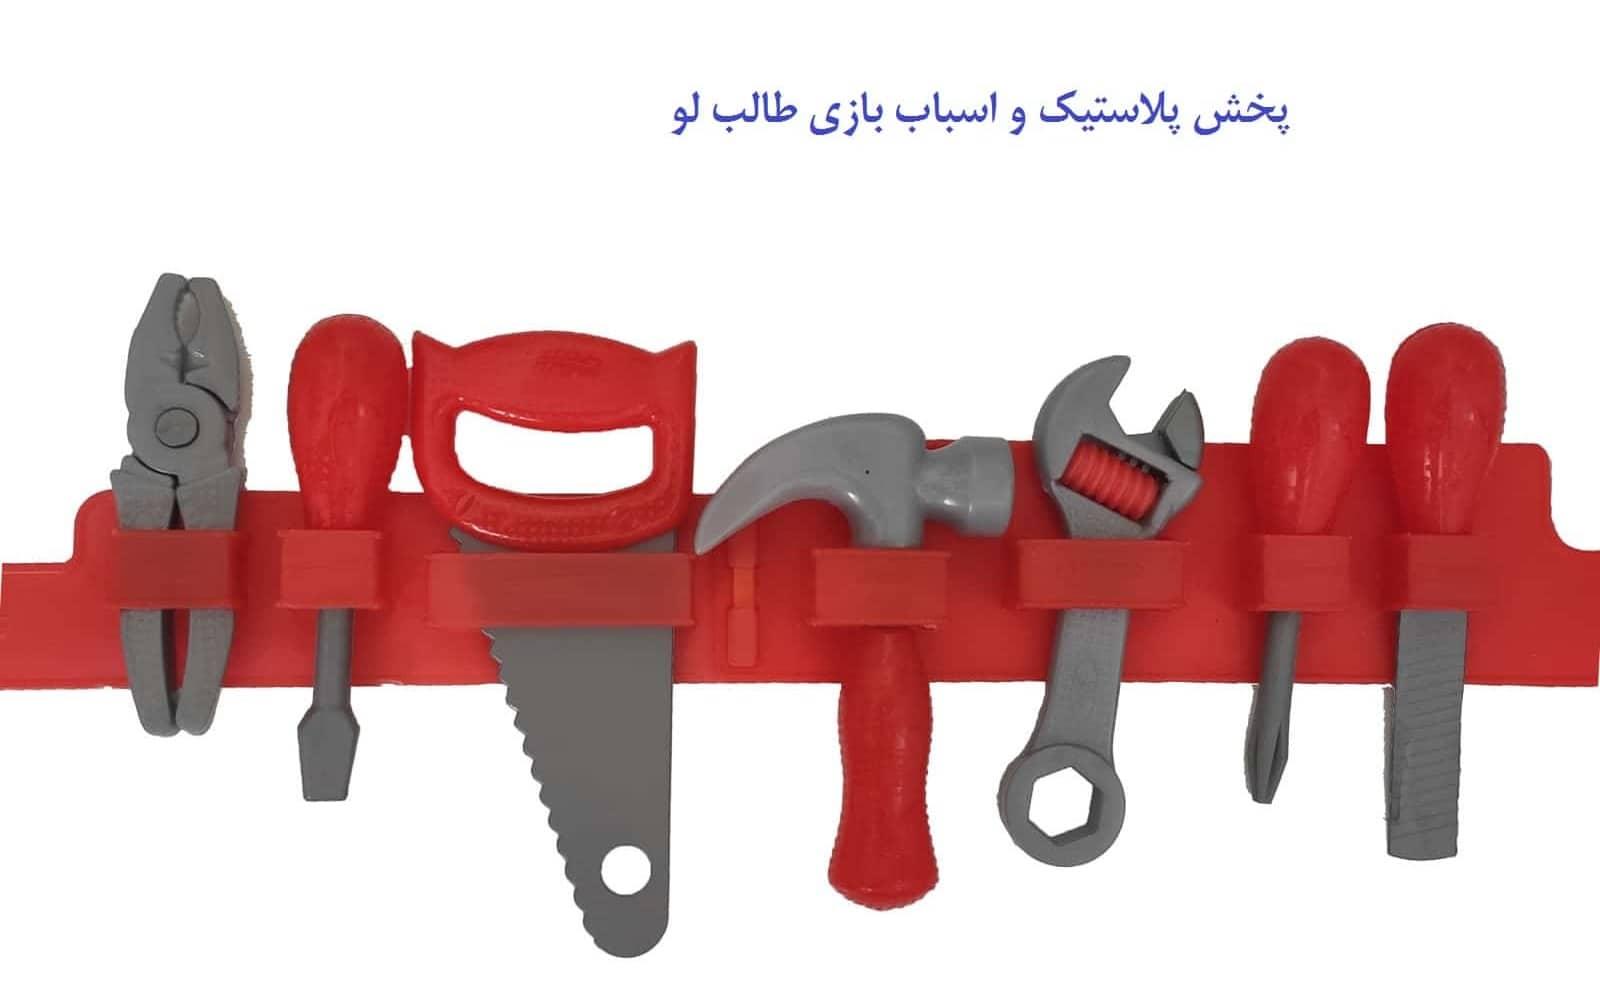 ابزار نجاری شادی پخش پلاستیک طالبلو حراجی پلاستیک|پخش پلاستیک پخش عمده اسباب بازی فروش پلاستیک خرده ریز لوازم آشپزخانه